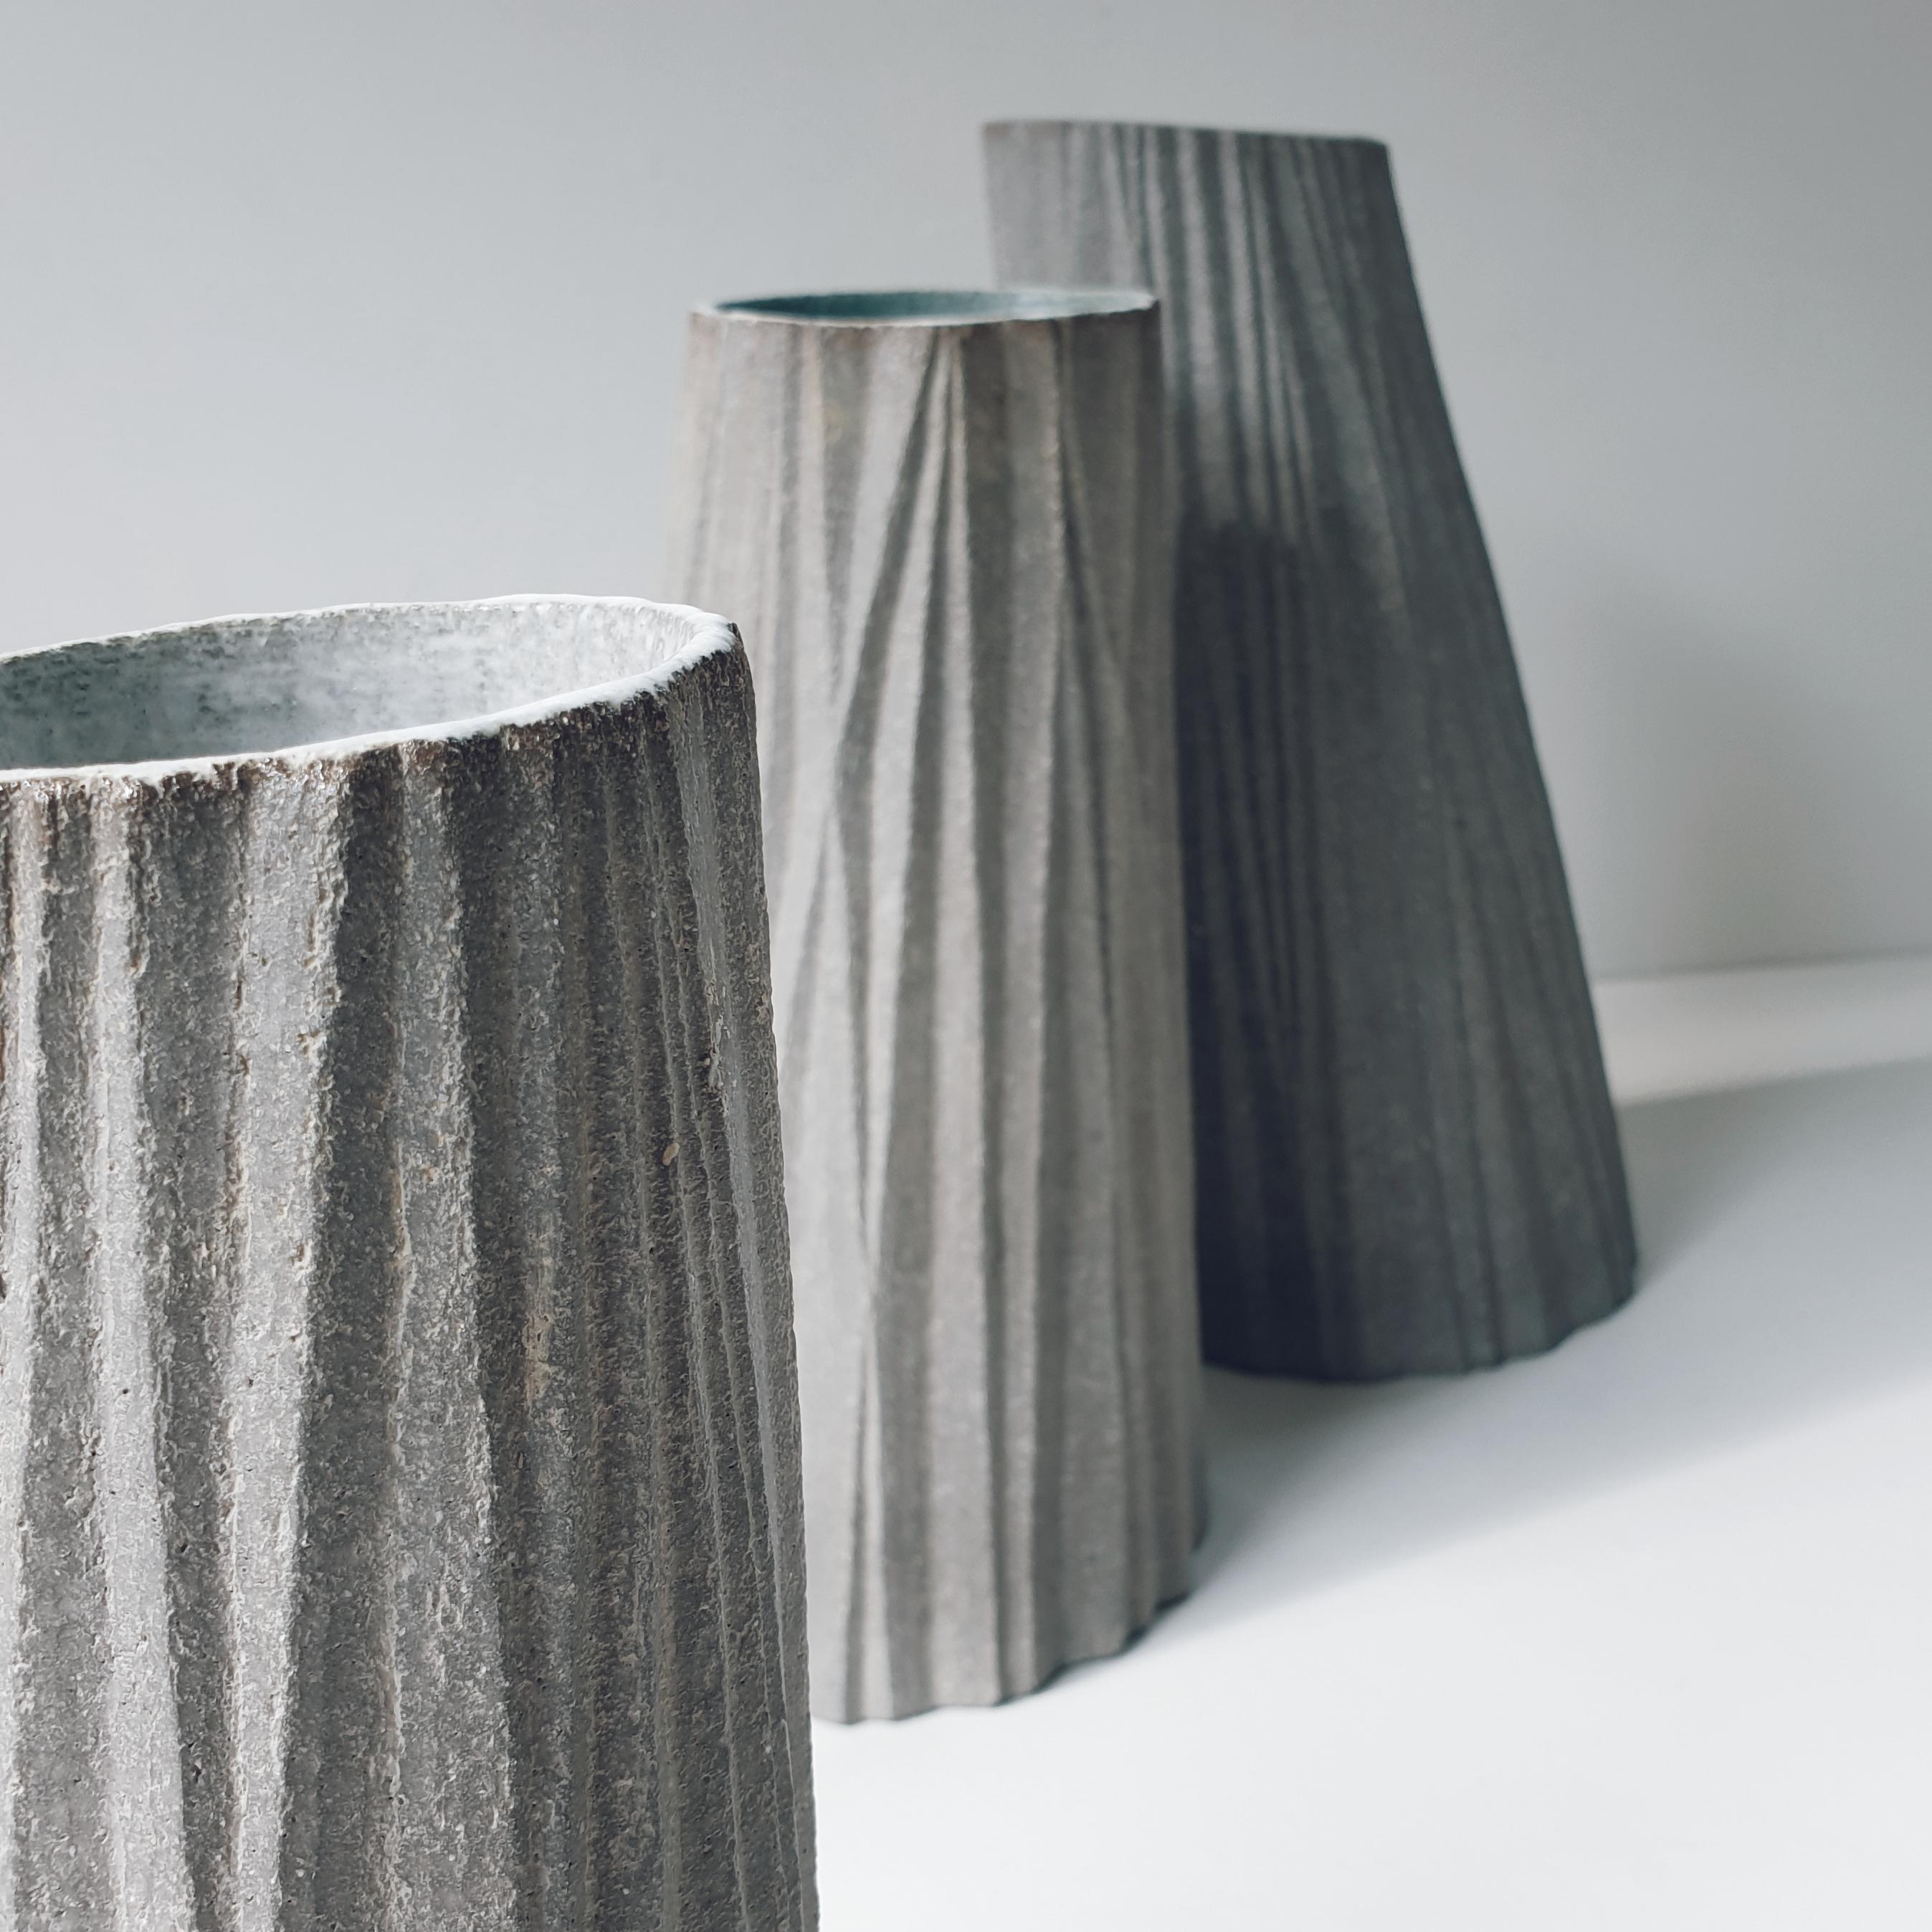 Michele Bianco. Tall Trees vessel